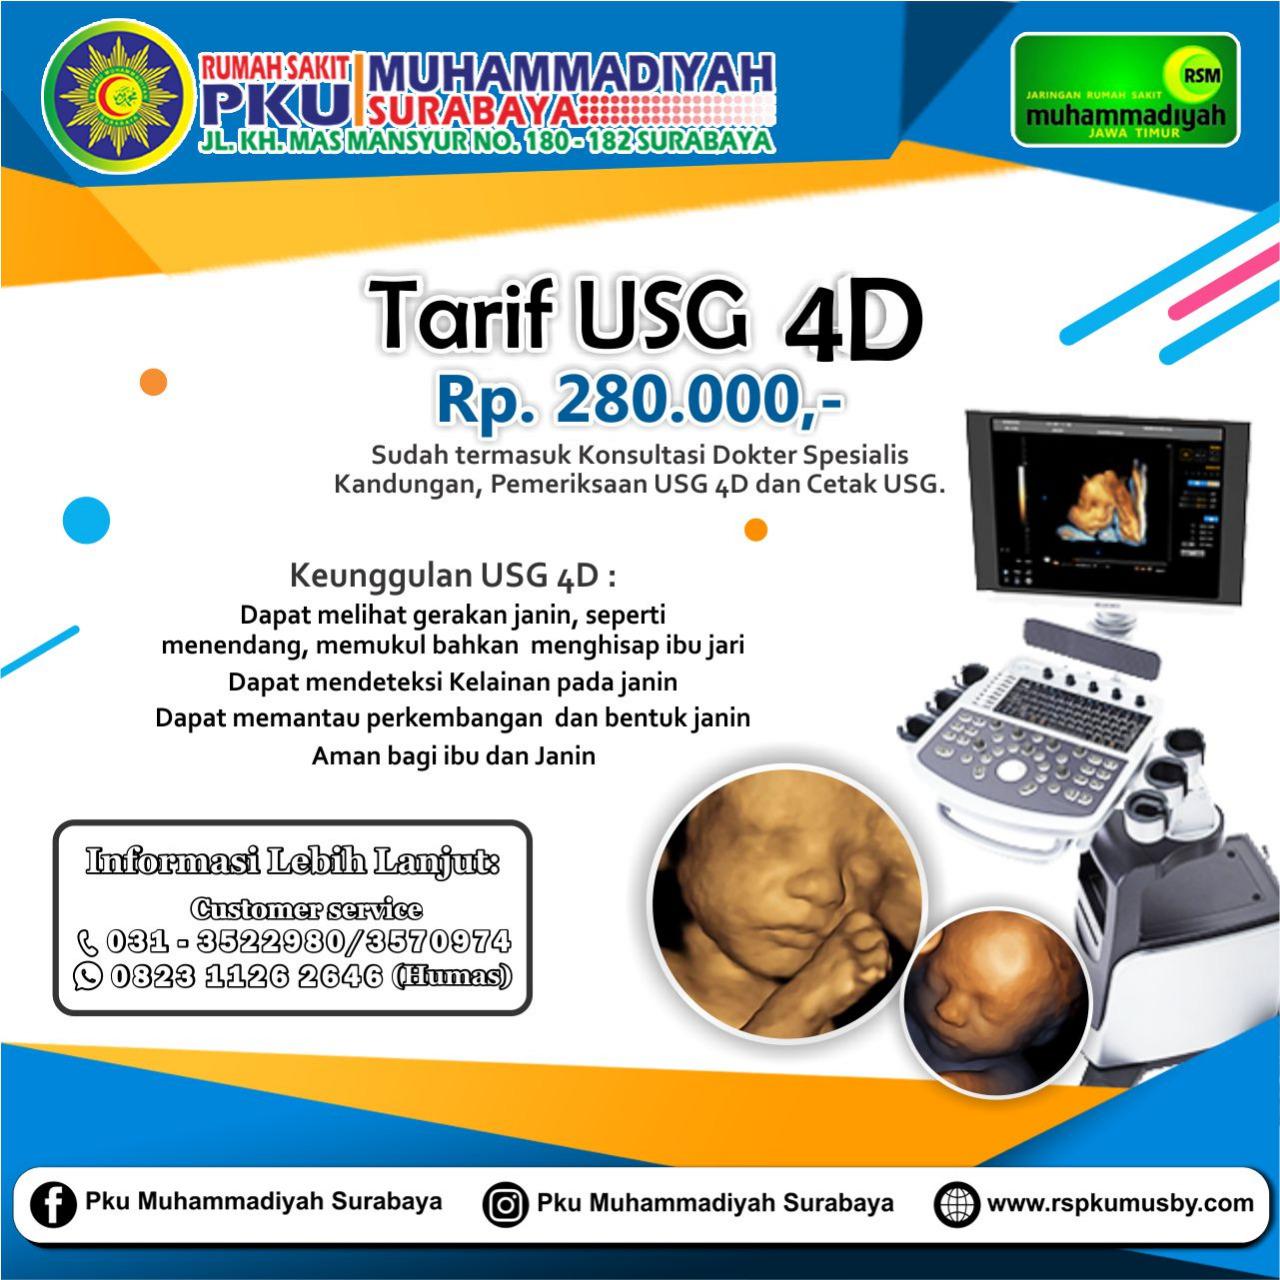 Tarif USG 4D